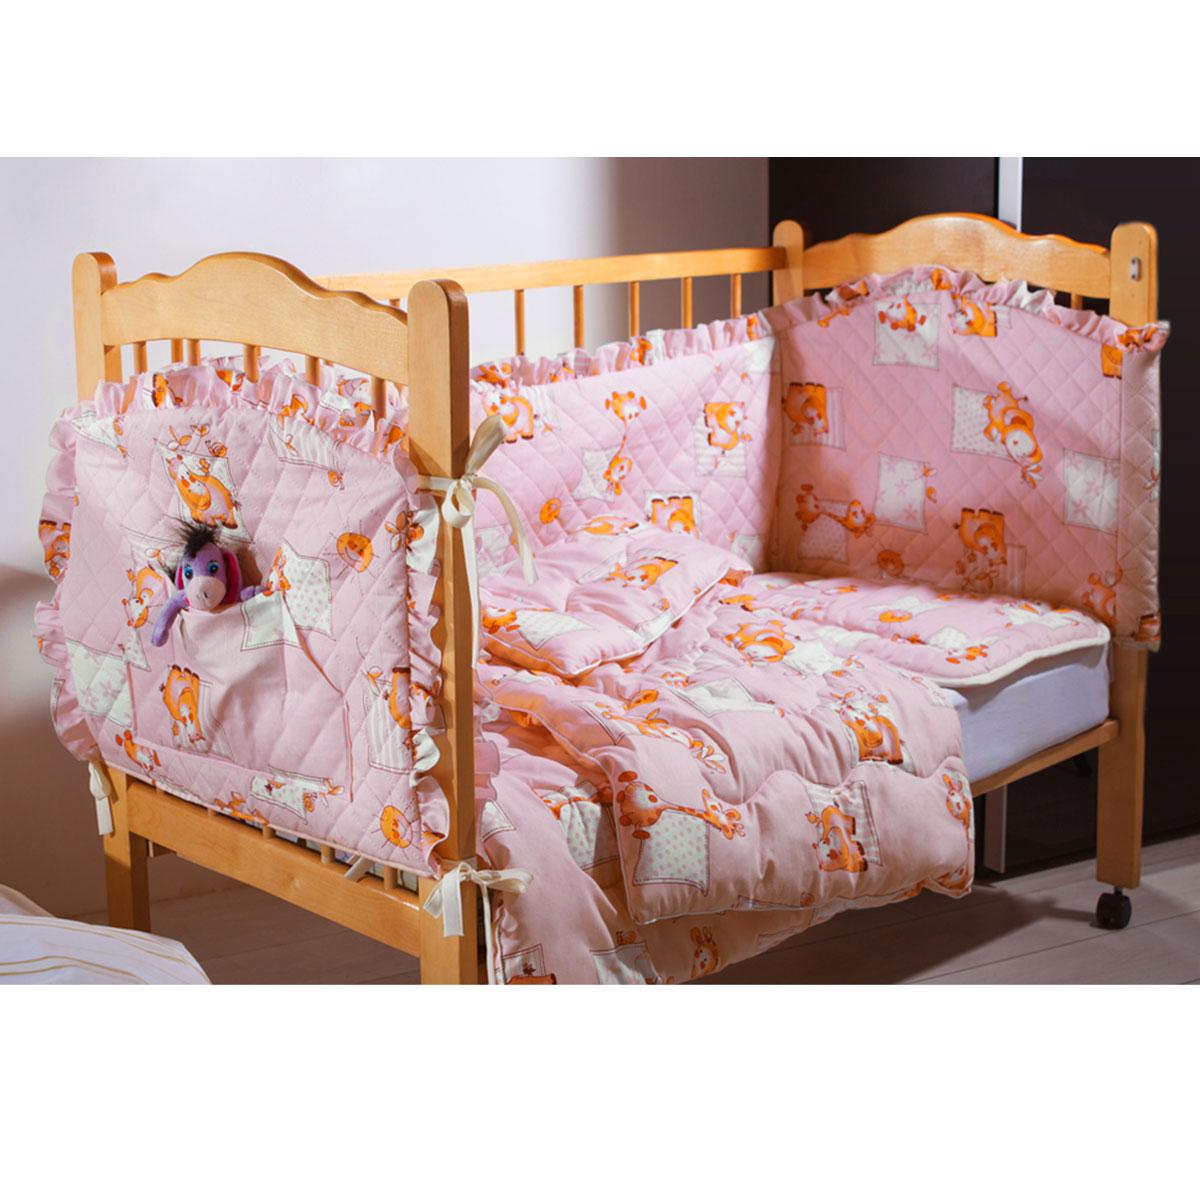 Комплект в кроватку Primavelle Кроха, цвет: розовый, 5 предметов. 601104005-2610503Комплект в кроватку Primavelle Кроха прекрасно подойдет для кроватки вашего малыша, добавит комнате уюта и согреет в прохладные дни. В качестве материала верха использованы 70% хлопка и 30% полиэстера. Мягкая ткань не раздражает чувствительную и нежную кожу ребенка и хорошо вентилируется. Подушка и одеяло наполнены гипоаллергенным экофайбером, который не впитывает запах и пыль. В комплекте - удобный карман на кроватку для всех необходимых вещей.Очень важно, чтобы ваш малыш хорошо спал - это залог его здоровья, а значит вашего спокойствия. Комплект Primavelle Кроха идеально подойдет для кроватки вашего малыша. На нем ваш кроха будет спать здоровым и крепким сном.Комплектация:- бортик (150 см х 35 см); - простыня (120 см х 180 см);- подушка (40 см х 60 см);- одеяло (110 см х 140 см);- кармашек (60 см х 45 см).